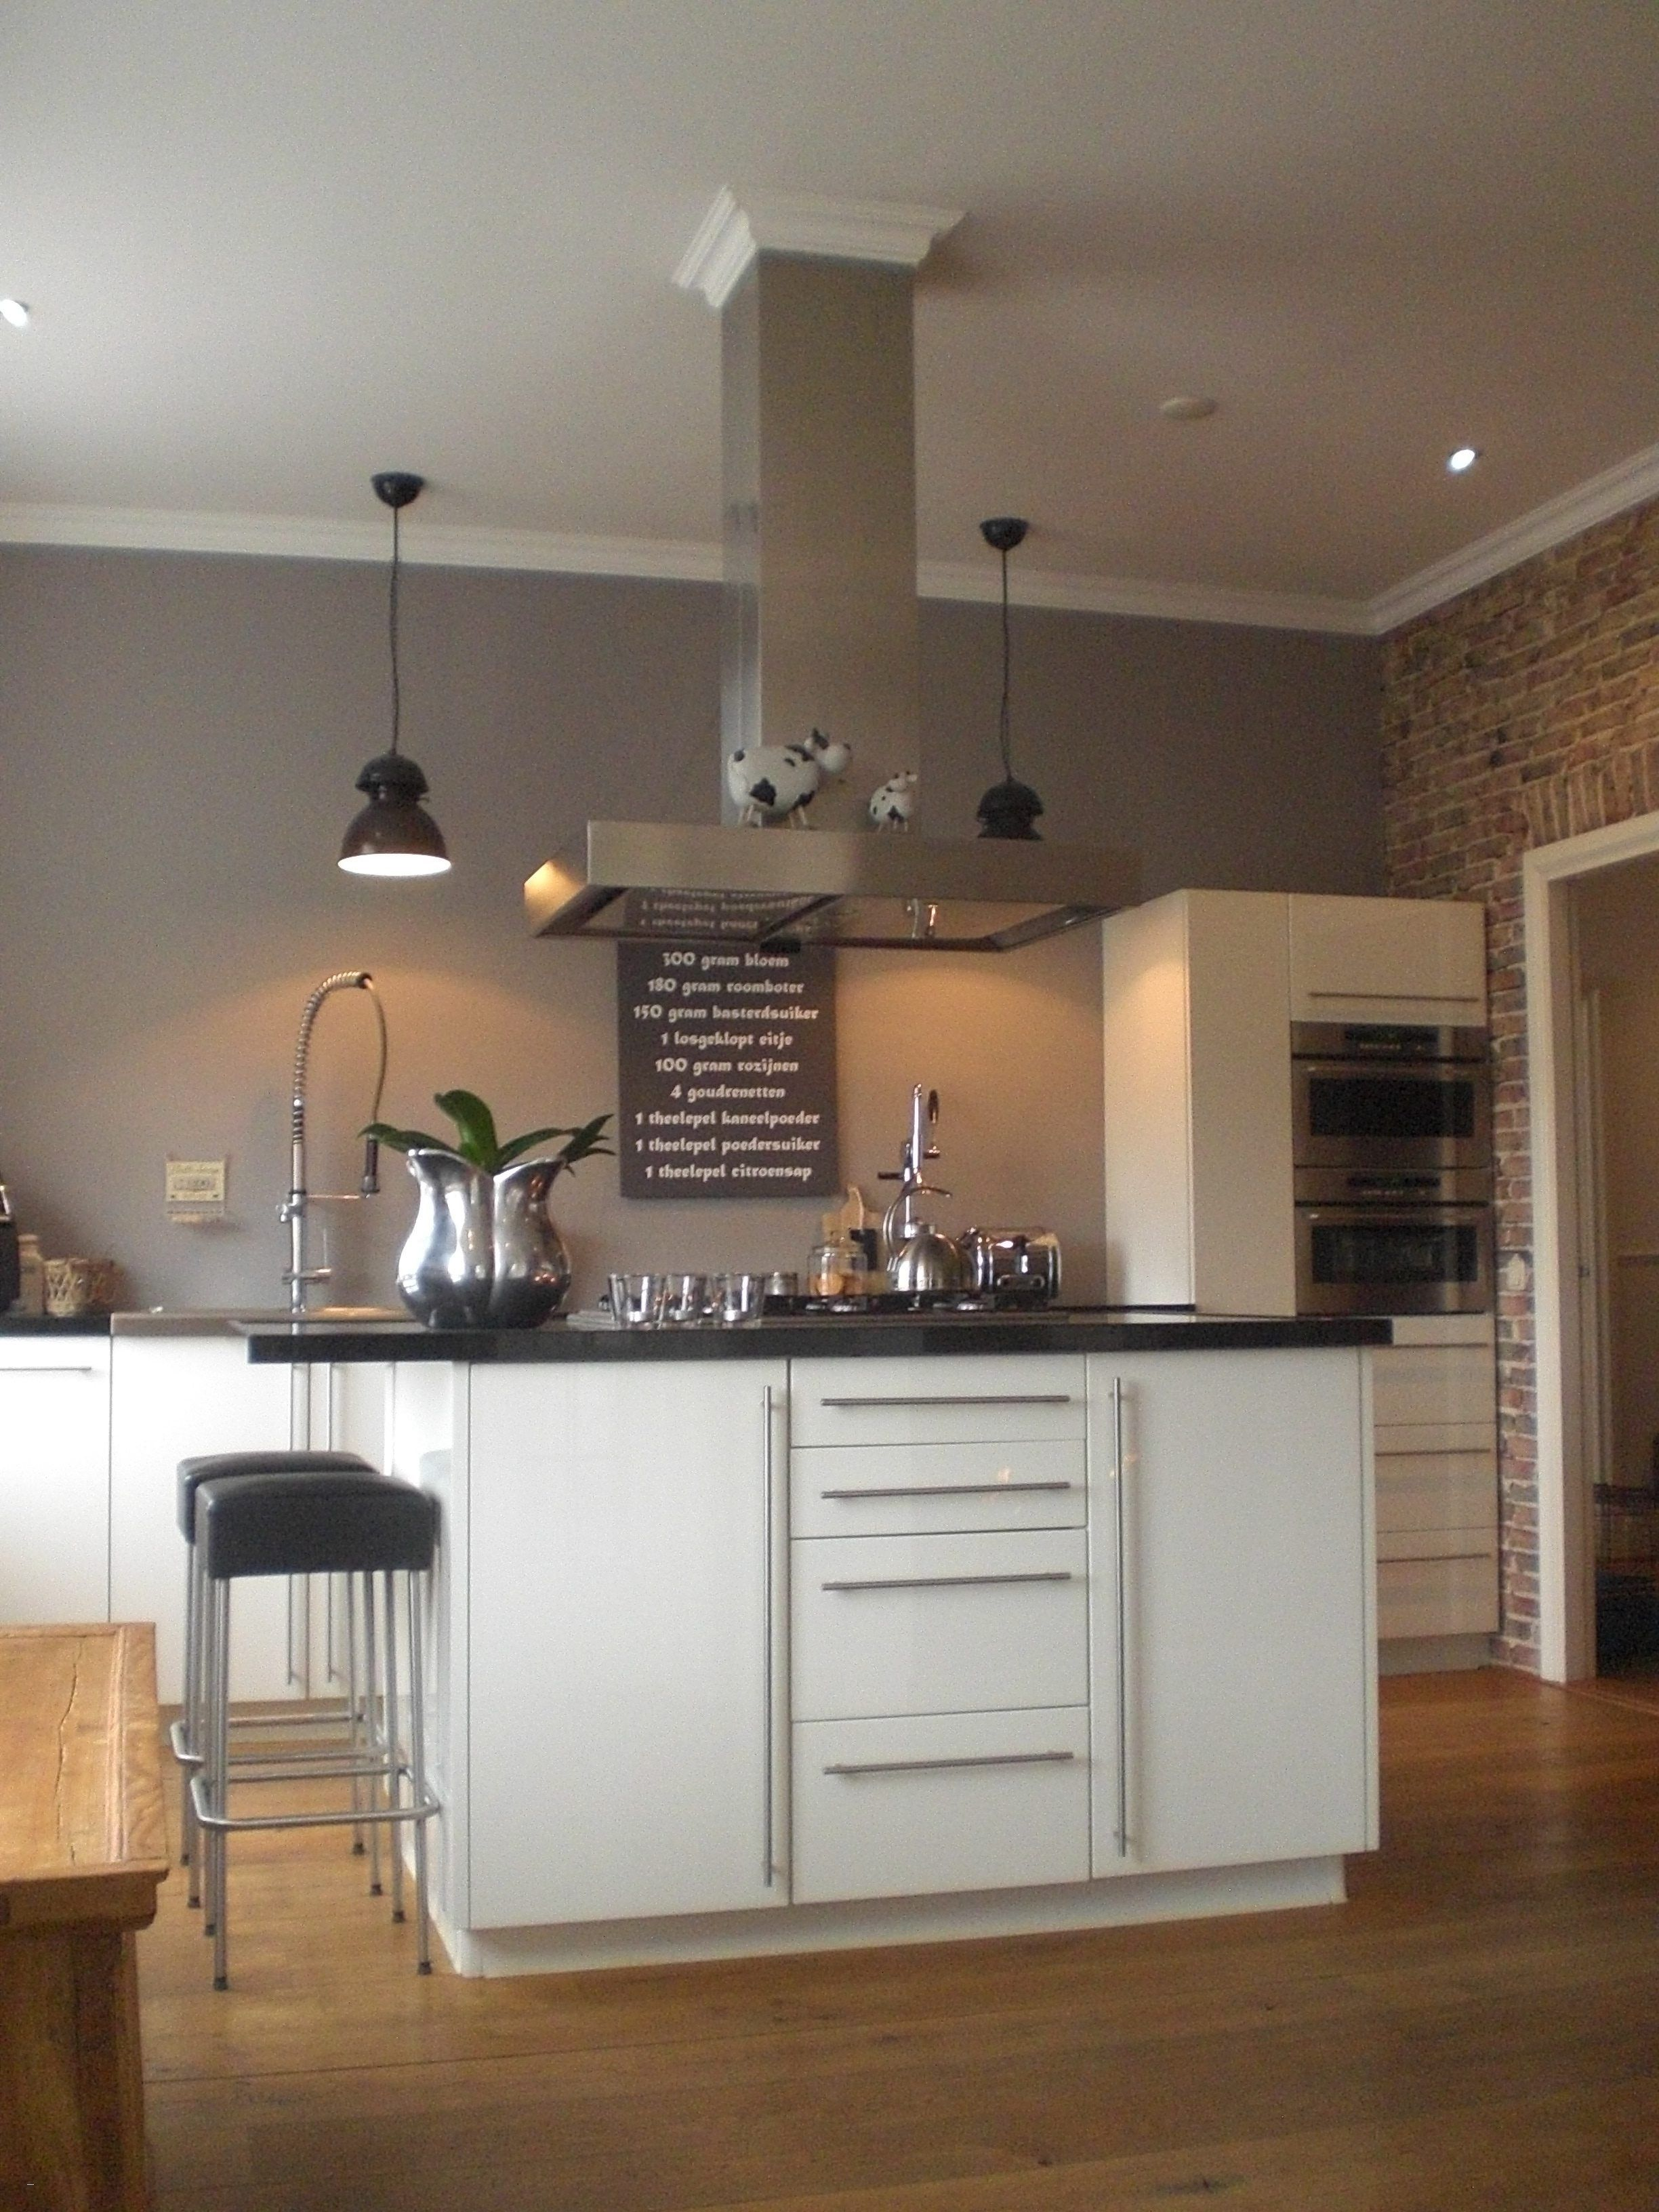 graue k che welche wandfarbe wei e k che graue arbeitsplatte sch n k che wandfarbe grau sch n. Black Bedroom Furniture Sets. Home Design Ideas